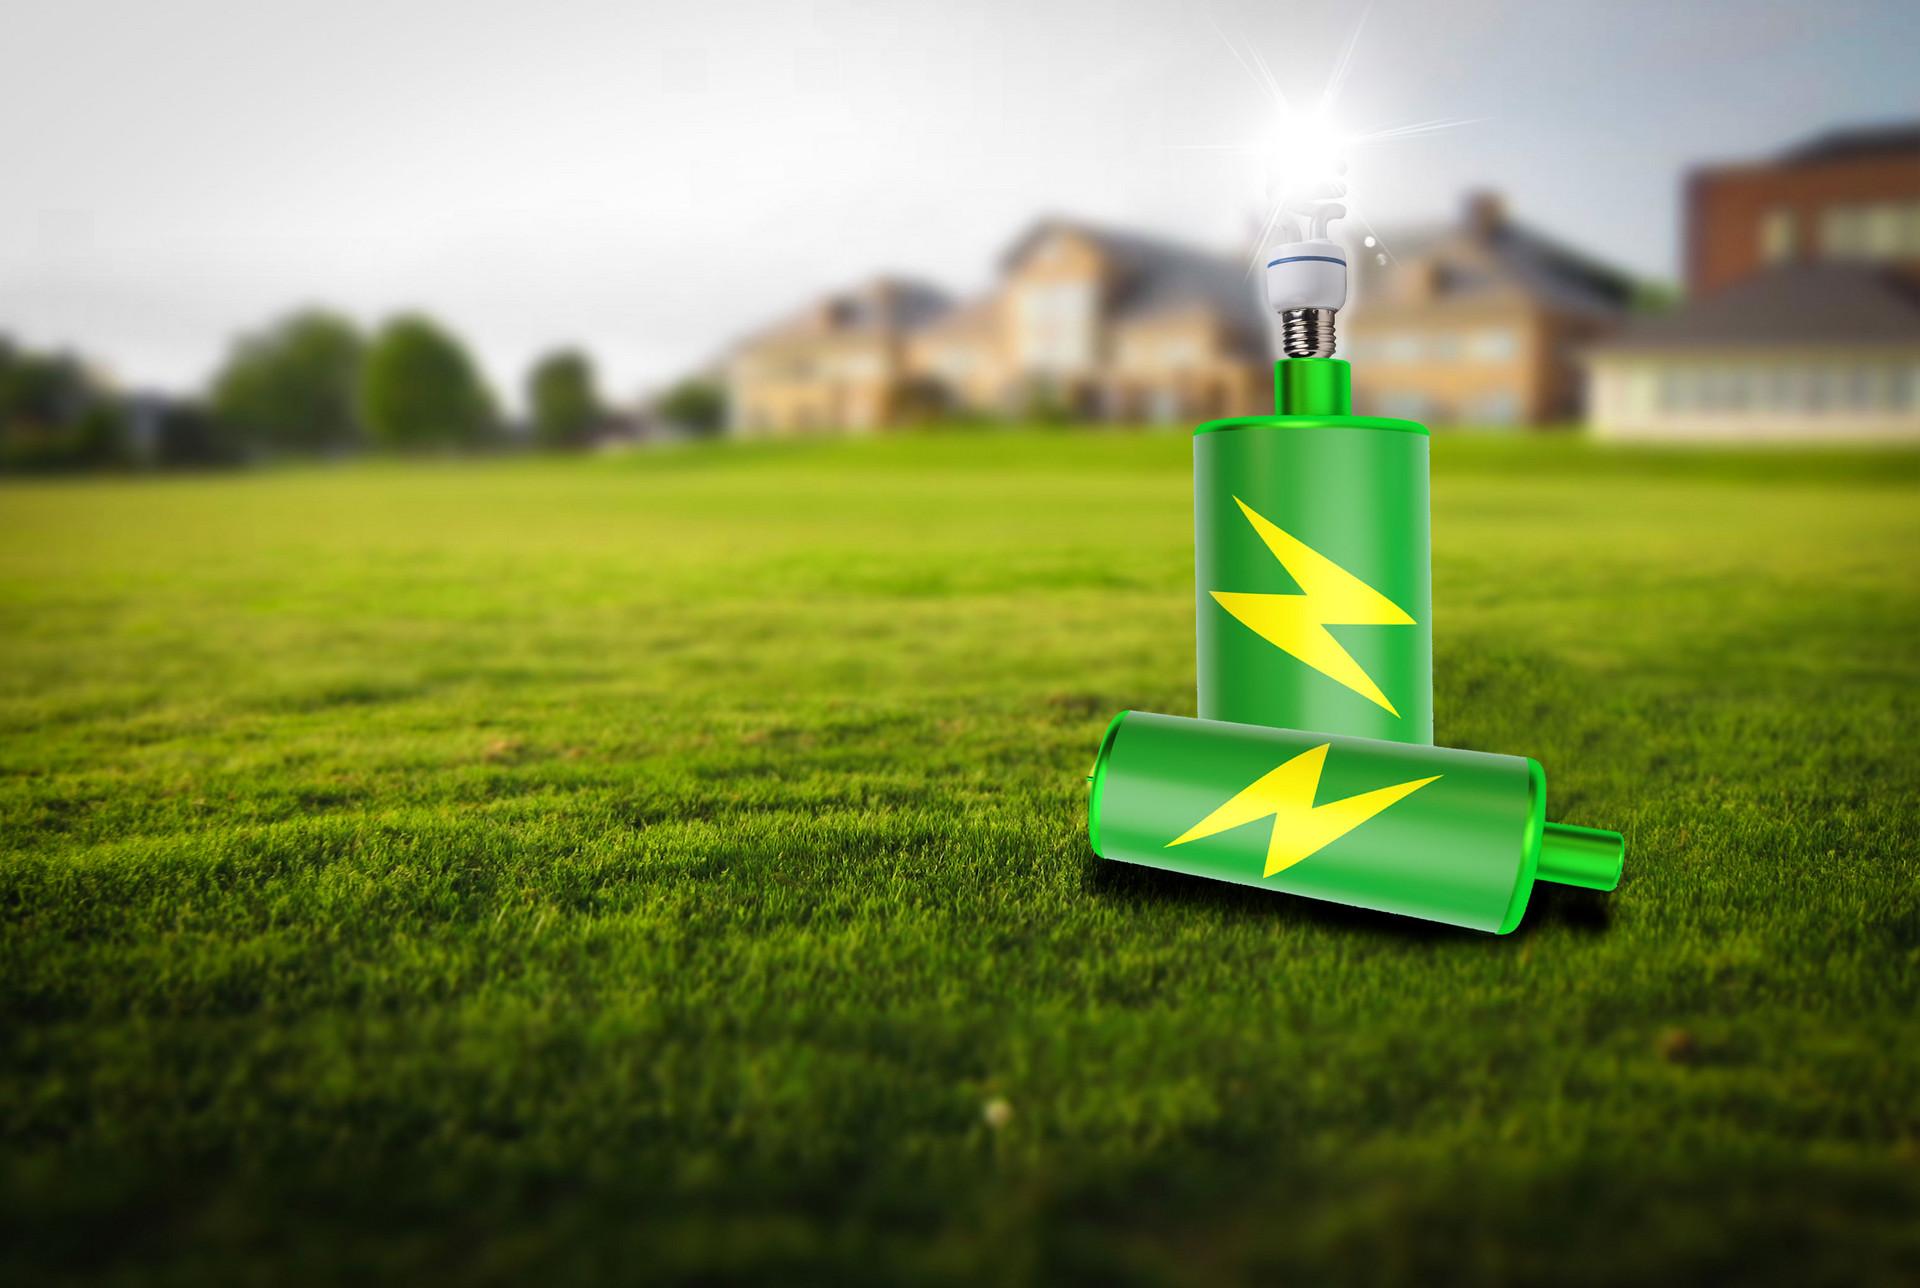 动力电池盲目扩张的后遗症开始显现,产业链纷纷减产